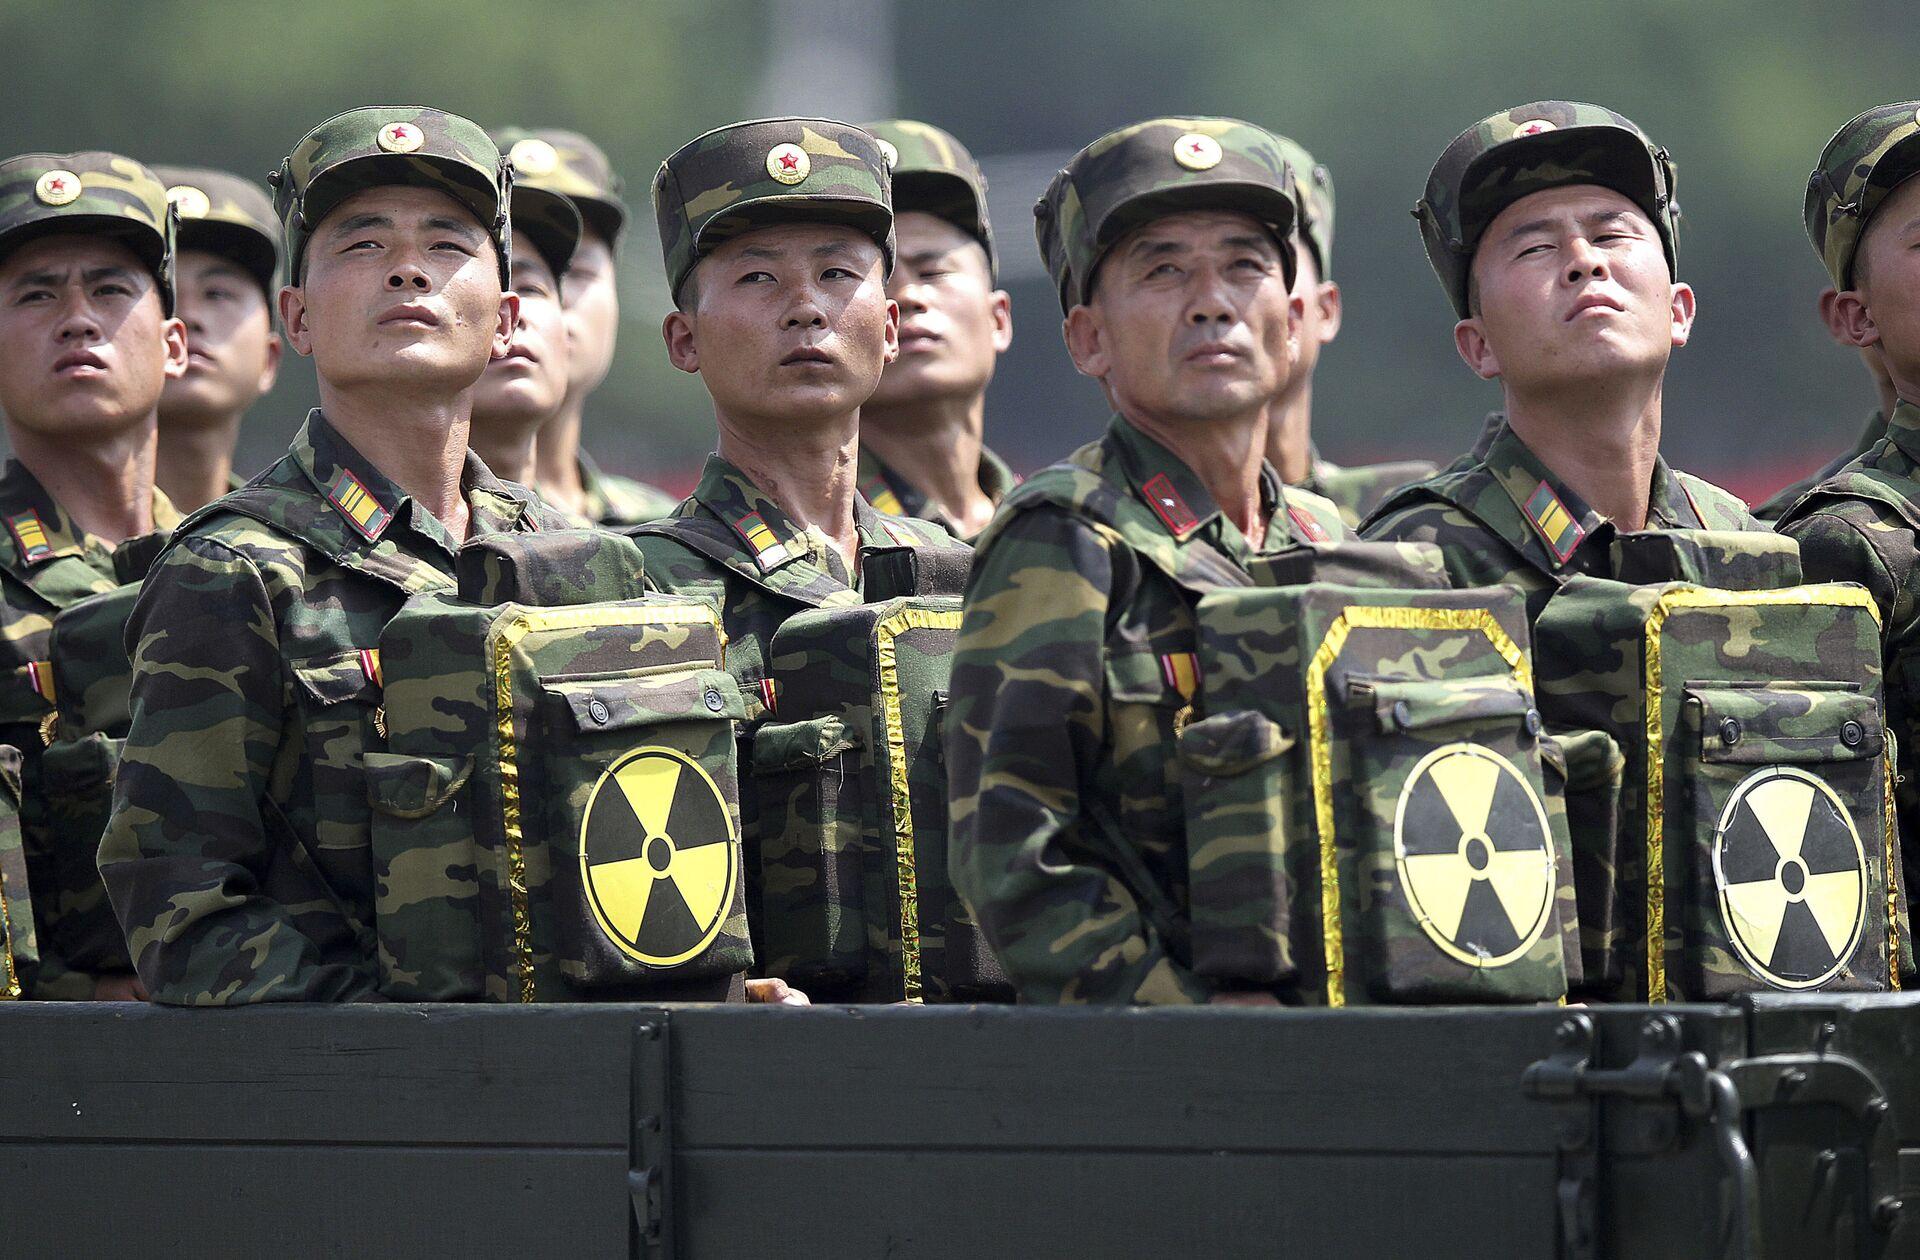 Trung Quốc và Hàn Quốc sẽ tăng cường hợp tác về vấn đề CHDCND Triều Tiên - Sputnik Việt Nam, 1920, 06.04.2021